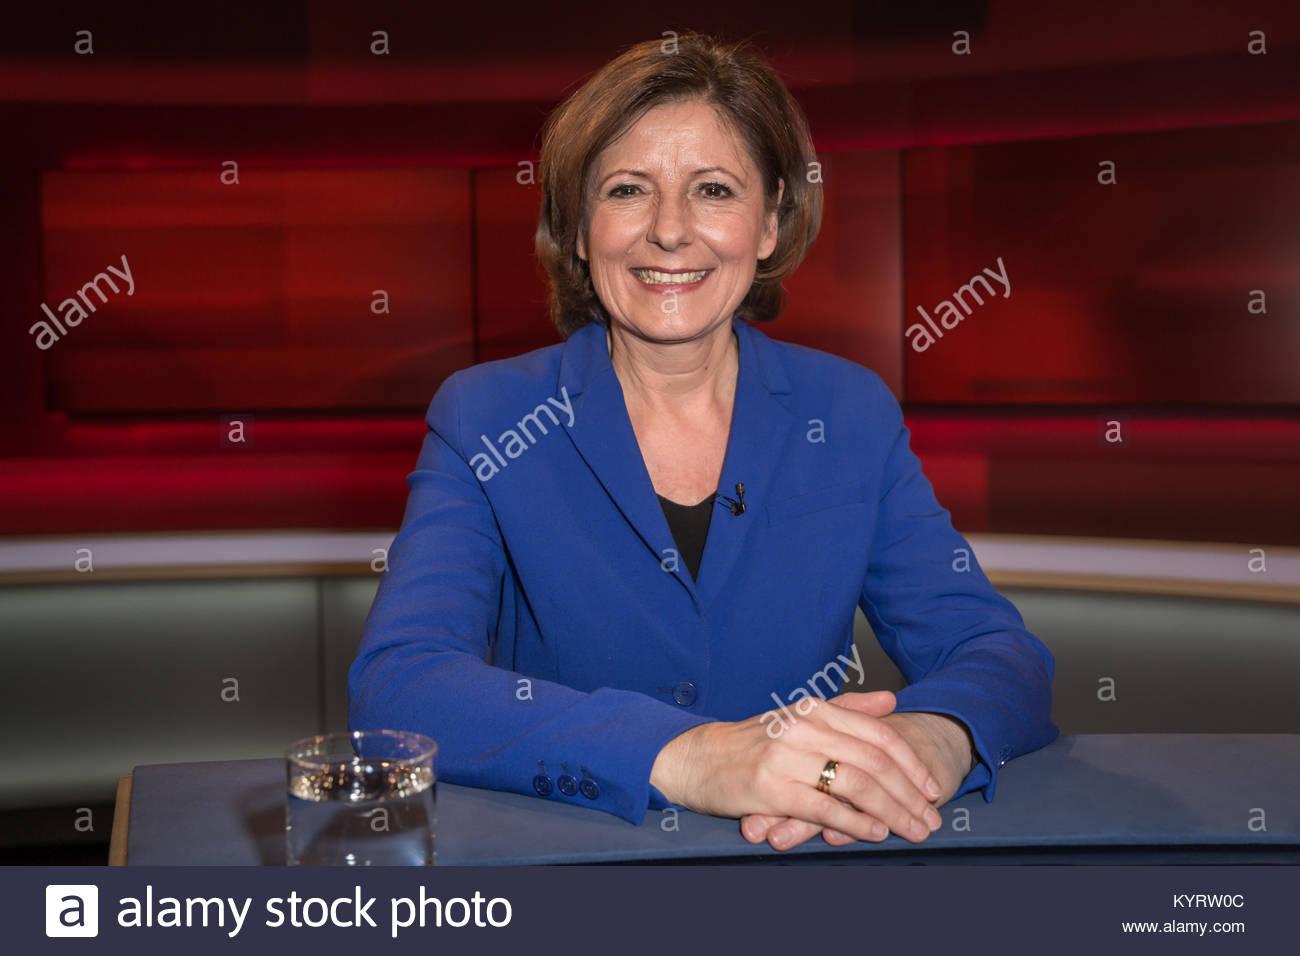 Malu Dreyer, SPD, Stellvertretende Vorsitzende sowie Ministerpraesidentin in Rheinland-Pfalz im Fernsehstudio bei - Stock Image